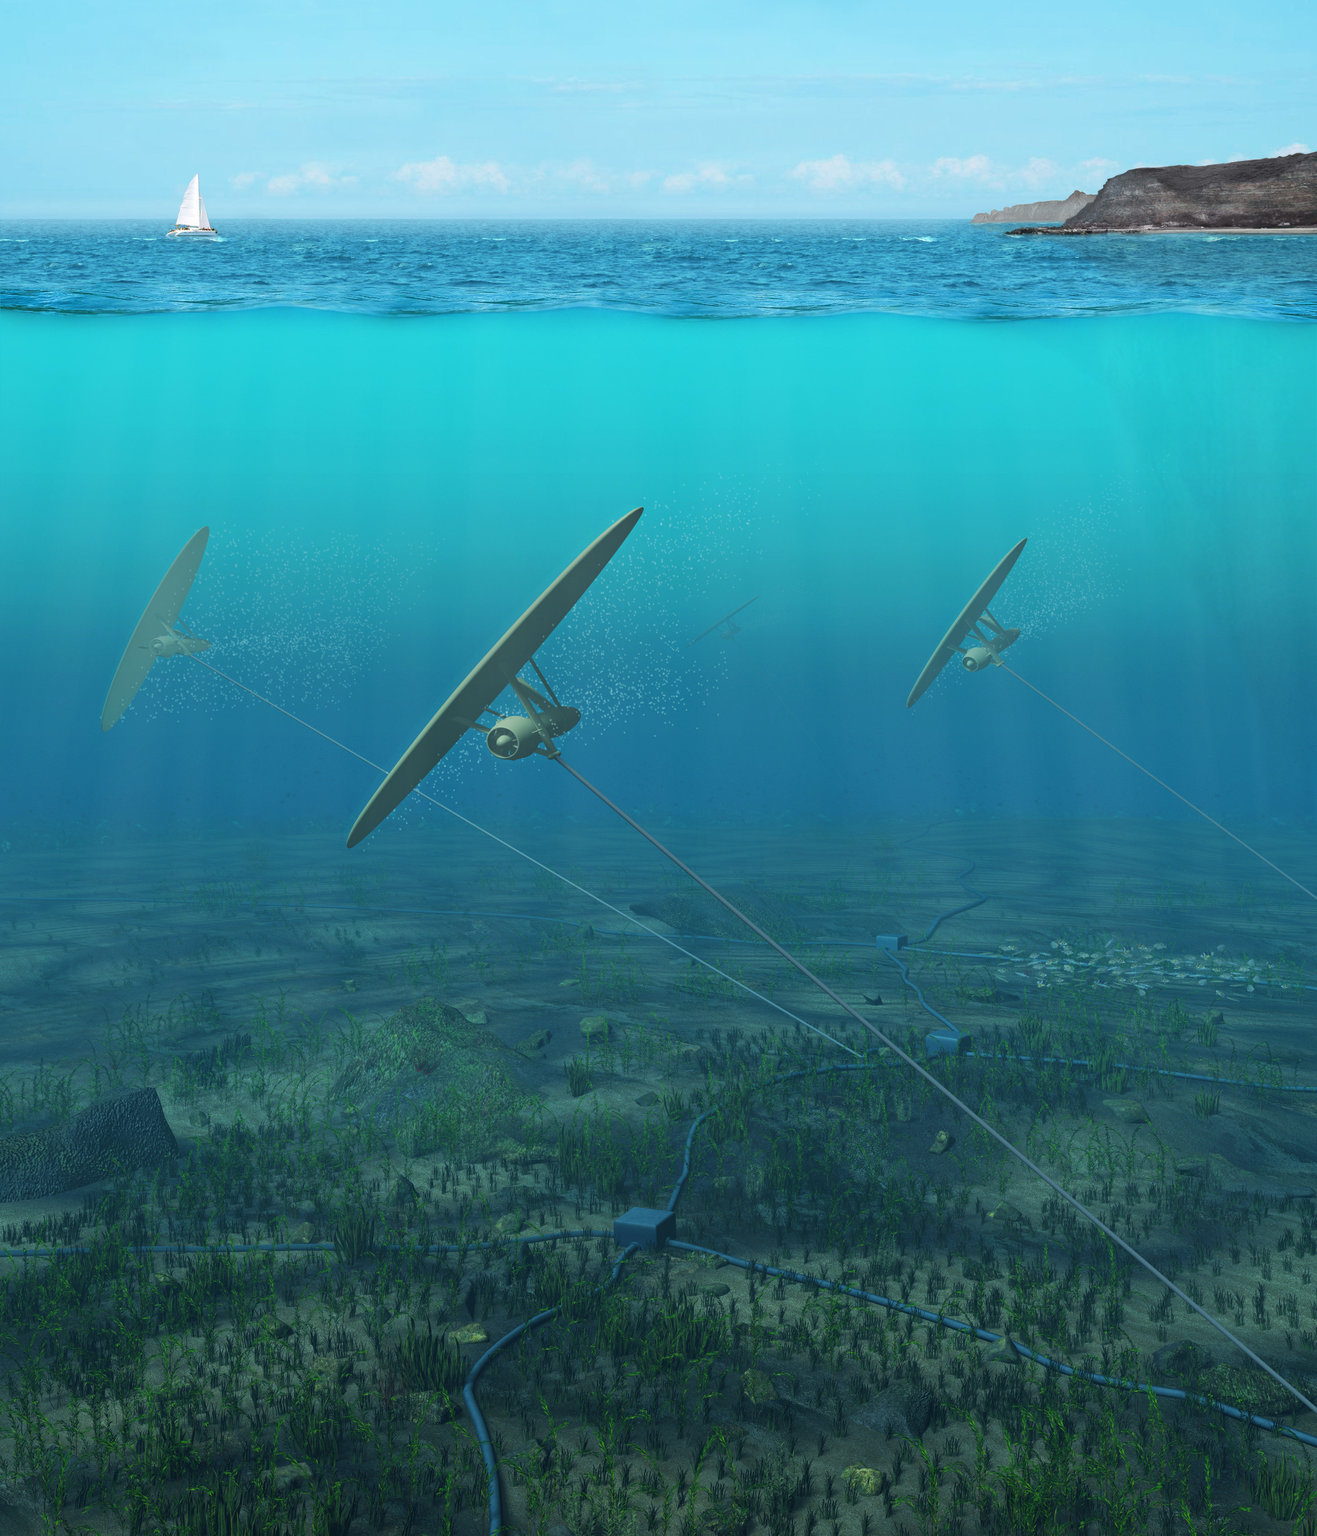 Aquiloni sottomarini per produrre energia sfruttando la Luna